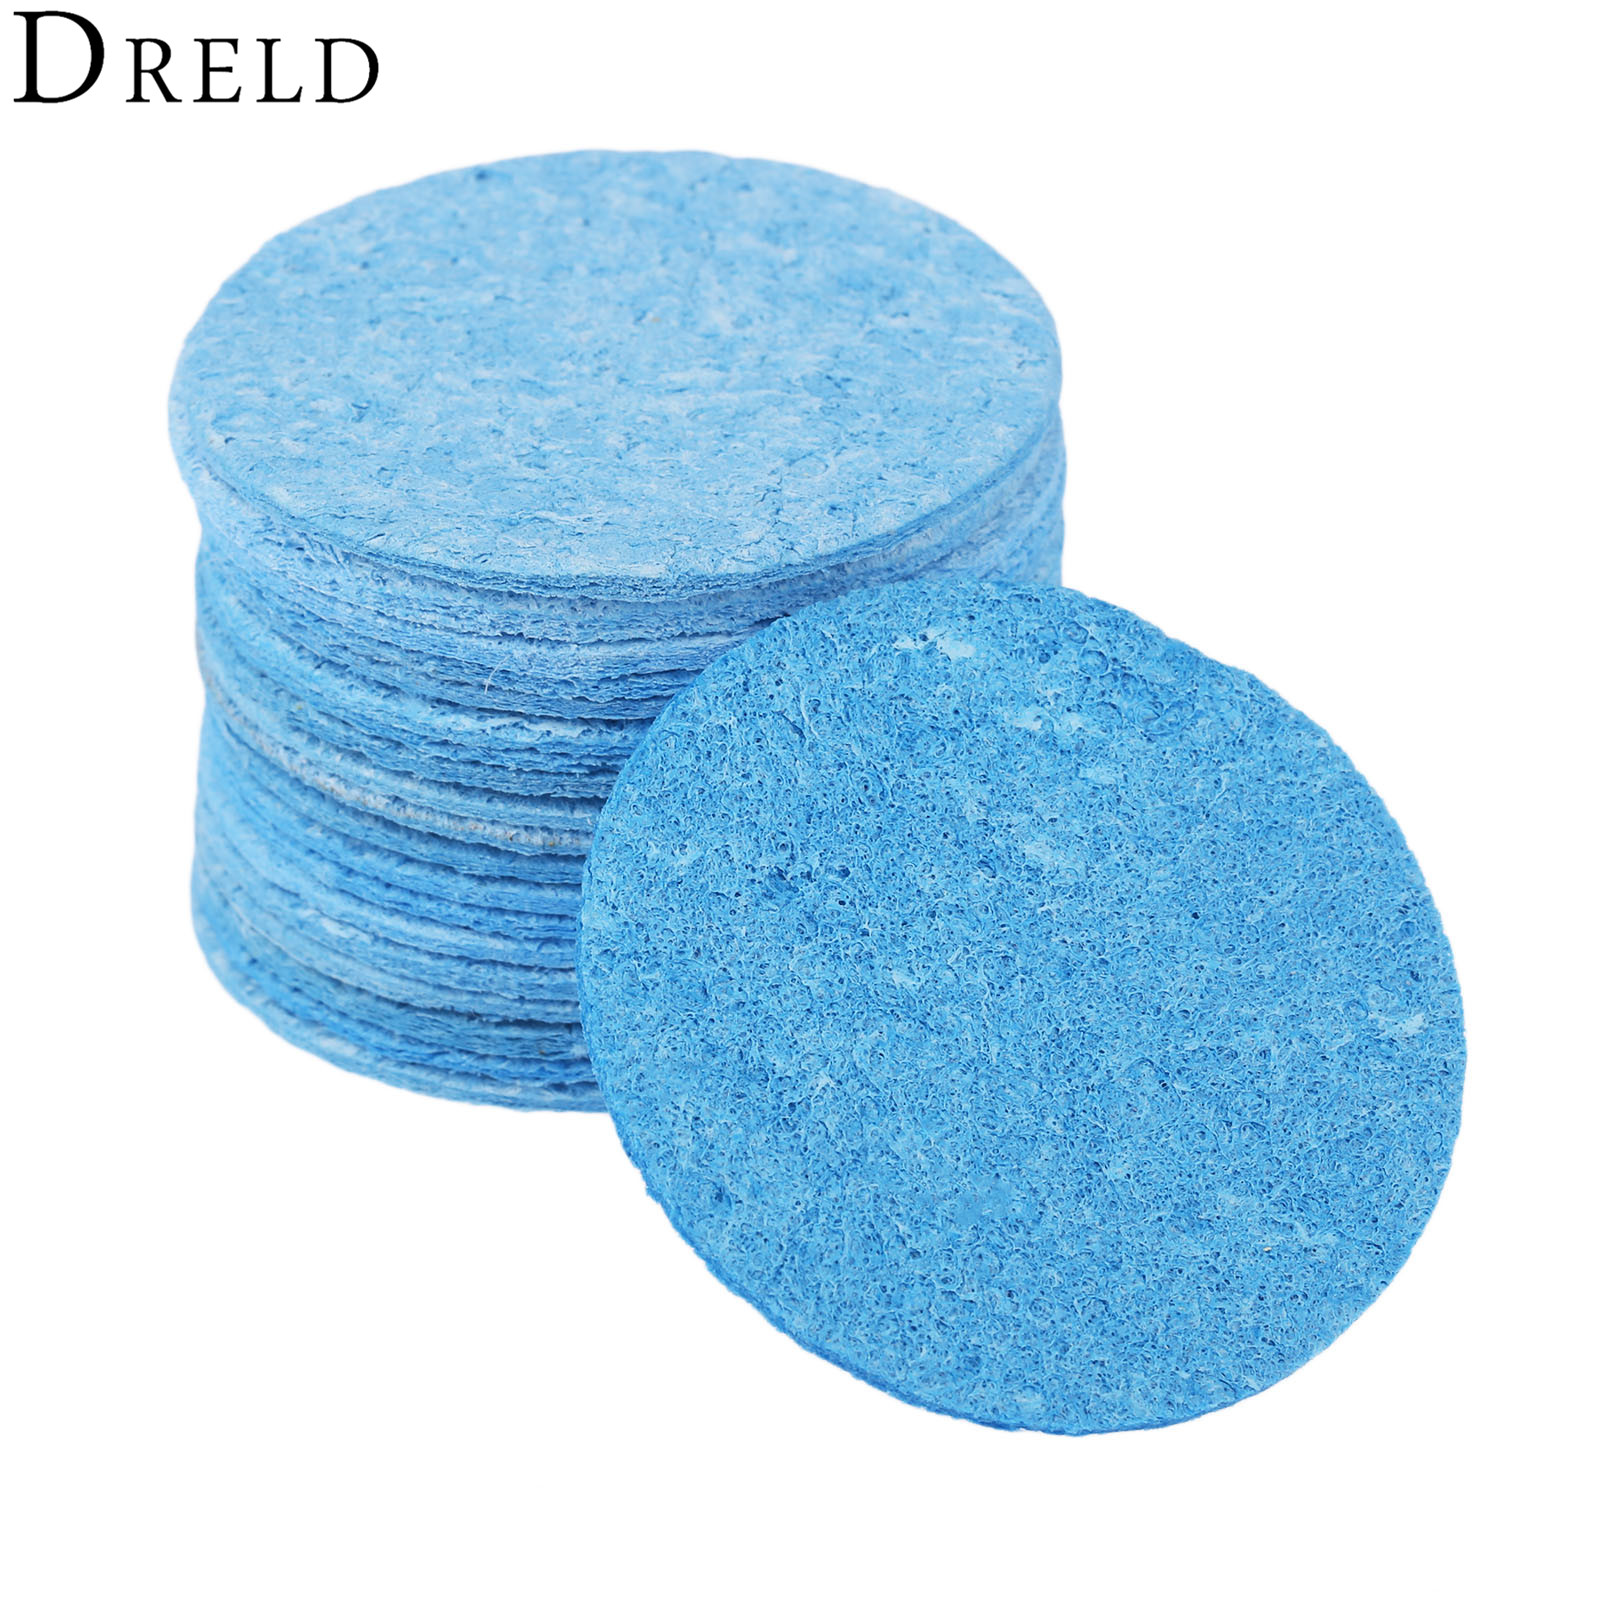 DRELD 20pcs Soldering Iron Solder Tip Welding Cleaning Sponge Pads ...